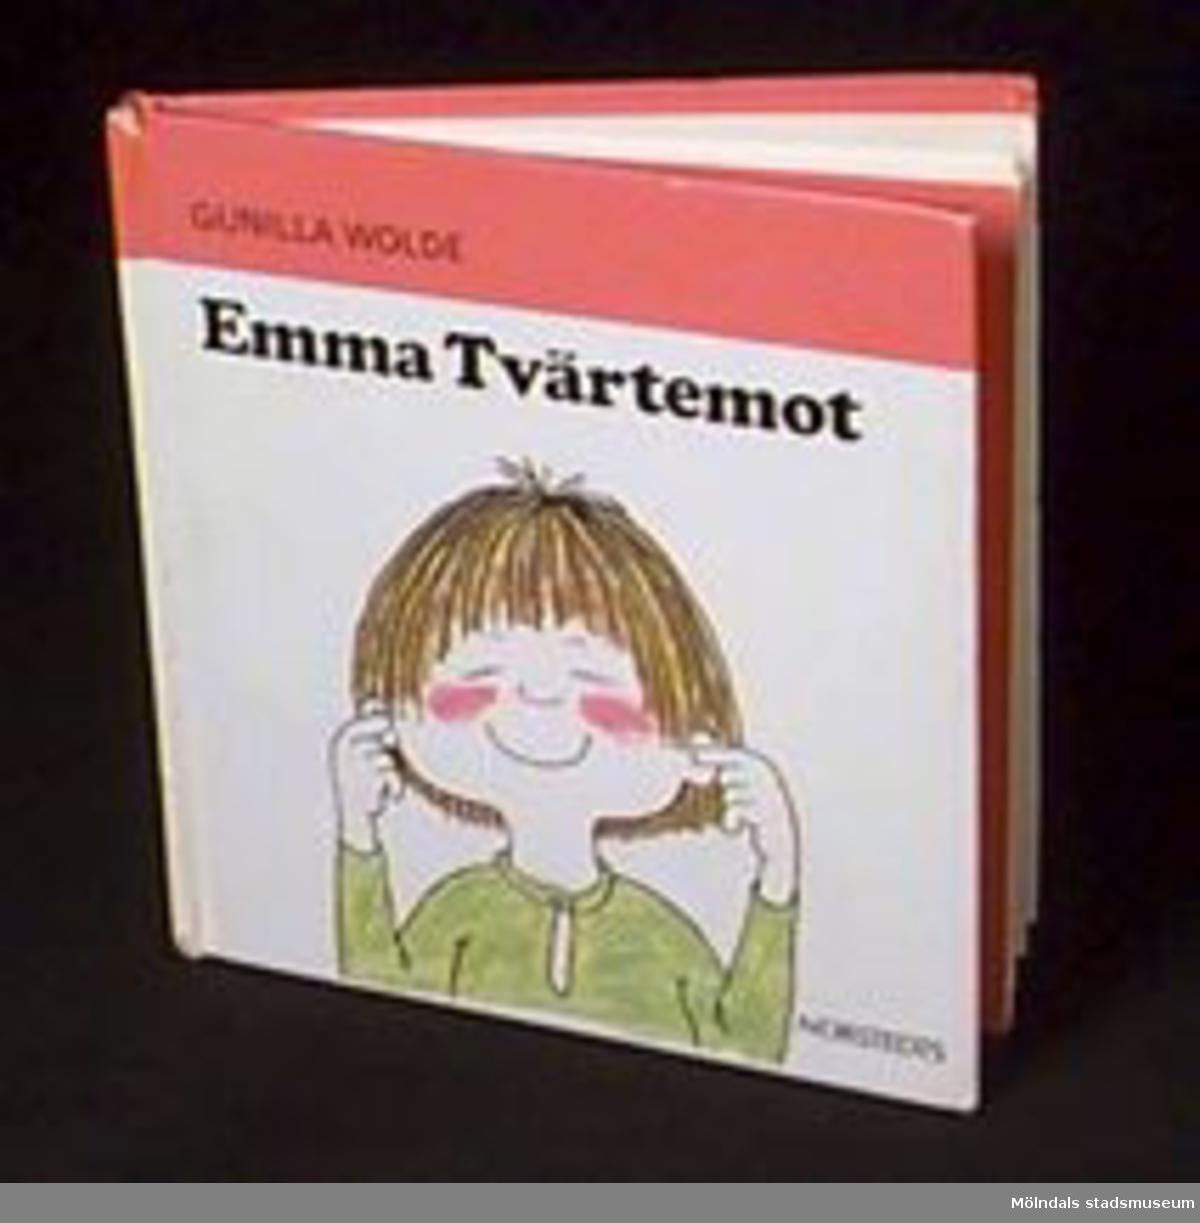 """Illustrerad sagobok för yngre barn. Författare och illustratör: Gunilla Wolde. Titel: """"Emma Tvärtemot"""". Märkt med stämpel från daghemmet: KATRINEBERGS DAGHEM  Måldomareg. 10  tel: 87 46 20  431 32 Mölndal.  Tidigare sakord: bok, barn-.Katrinebergs daghem var ett kollektivt daghem."""